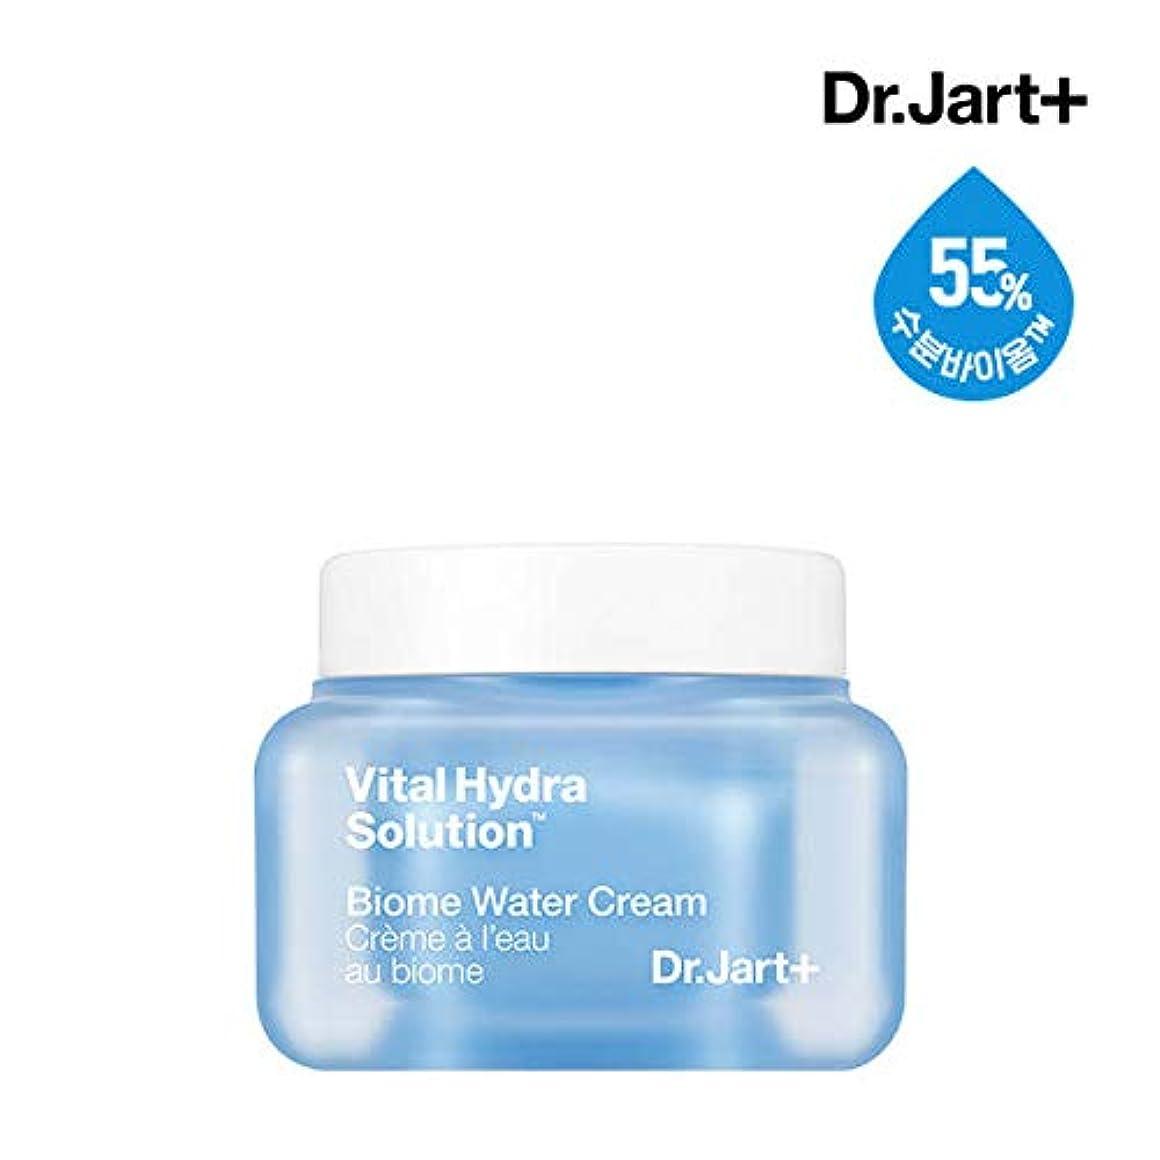 確立します記憶ローンドクタージャルトゥ[Dr.Jart+] バイタルハイドラソリューションバイオームウォータークリーム50ml (Vital Hydra Solution Biome Water Cream) /リフレッシュハイドレーション